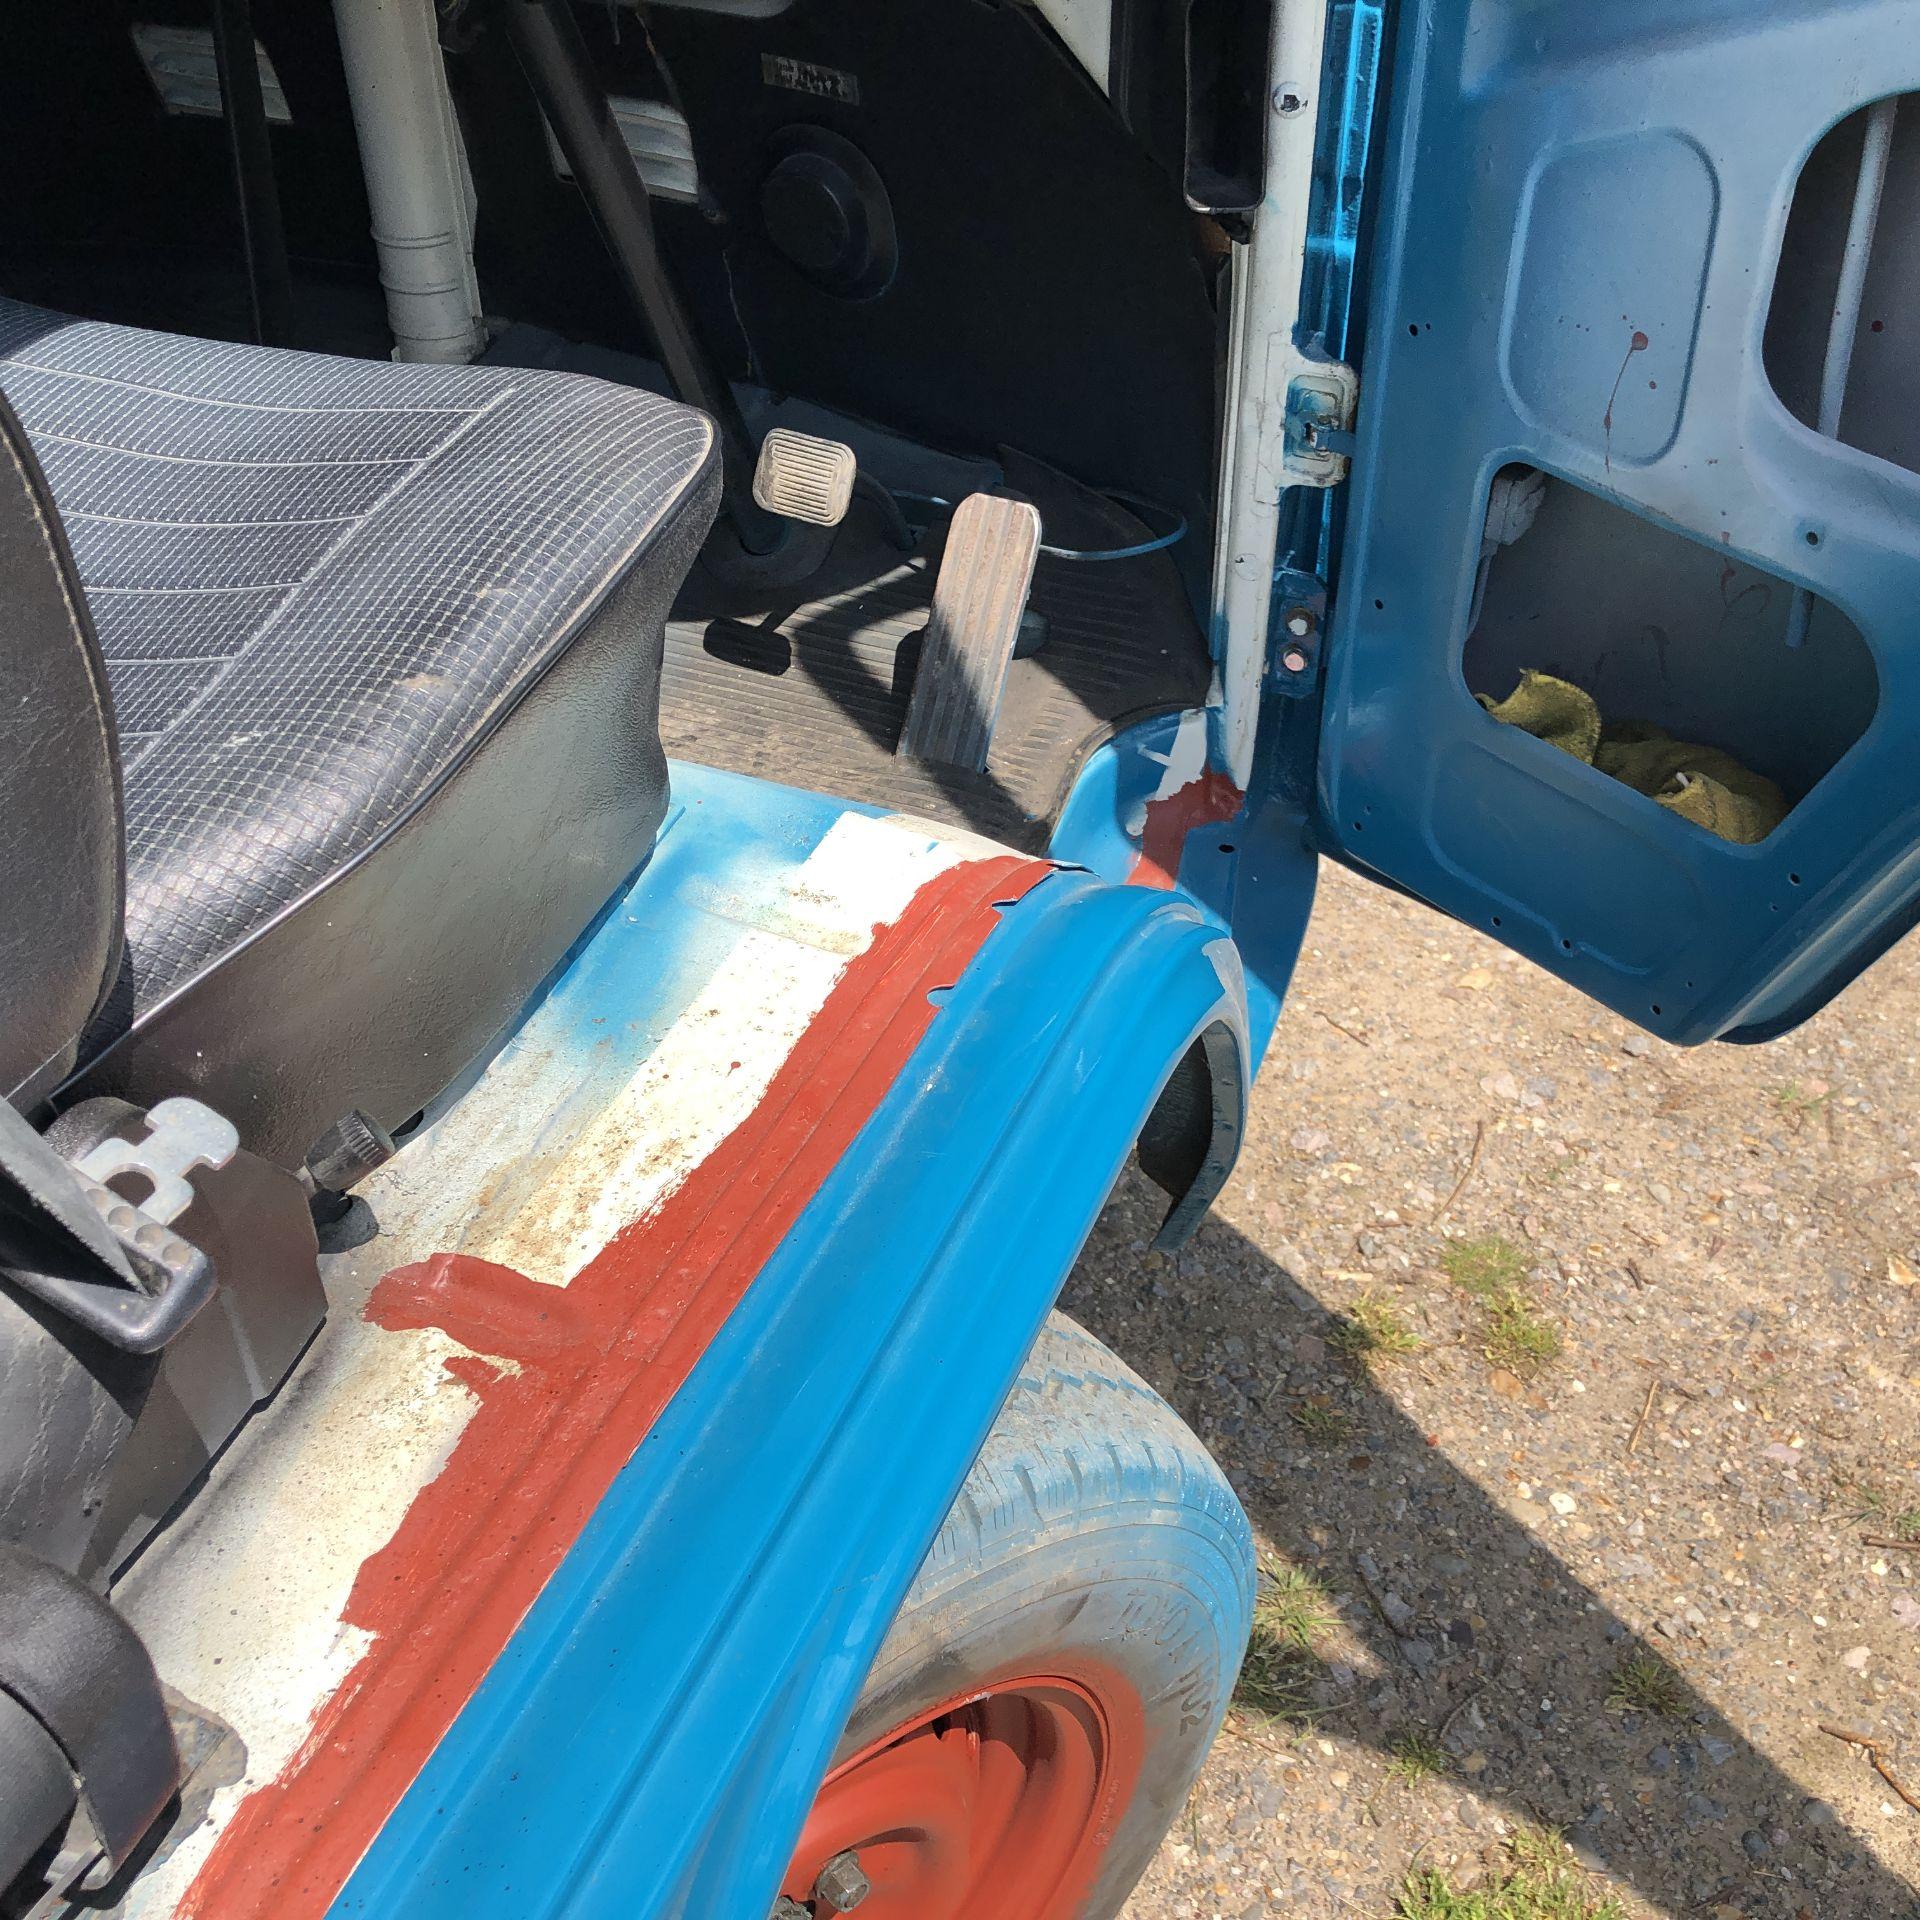 VW Microbus 8 Seater Caravanette Devon - 'Mr Blue' Petrol, Registration UMH 420S, First Registered - Image 34 of 47